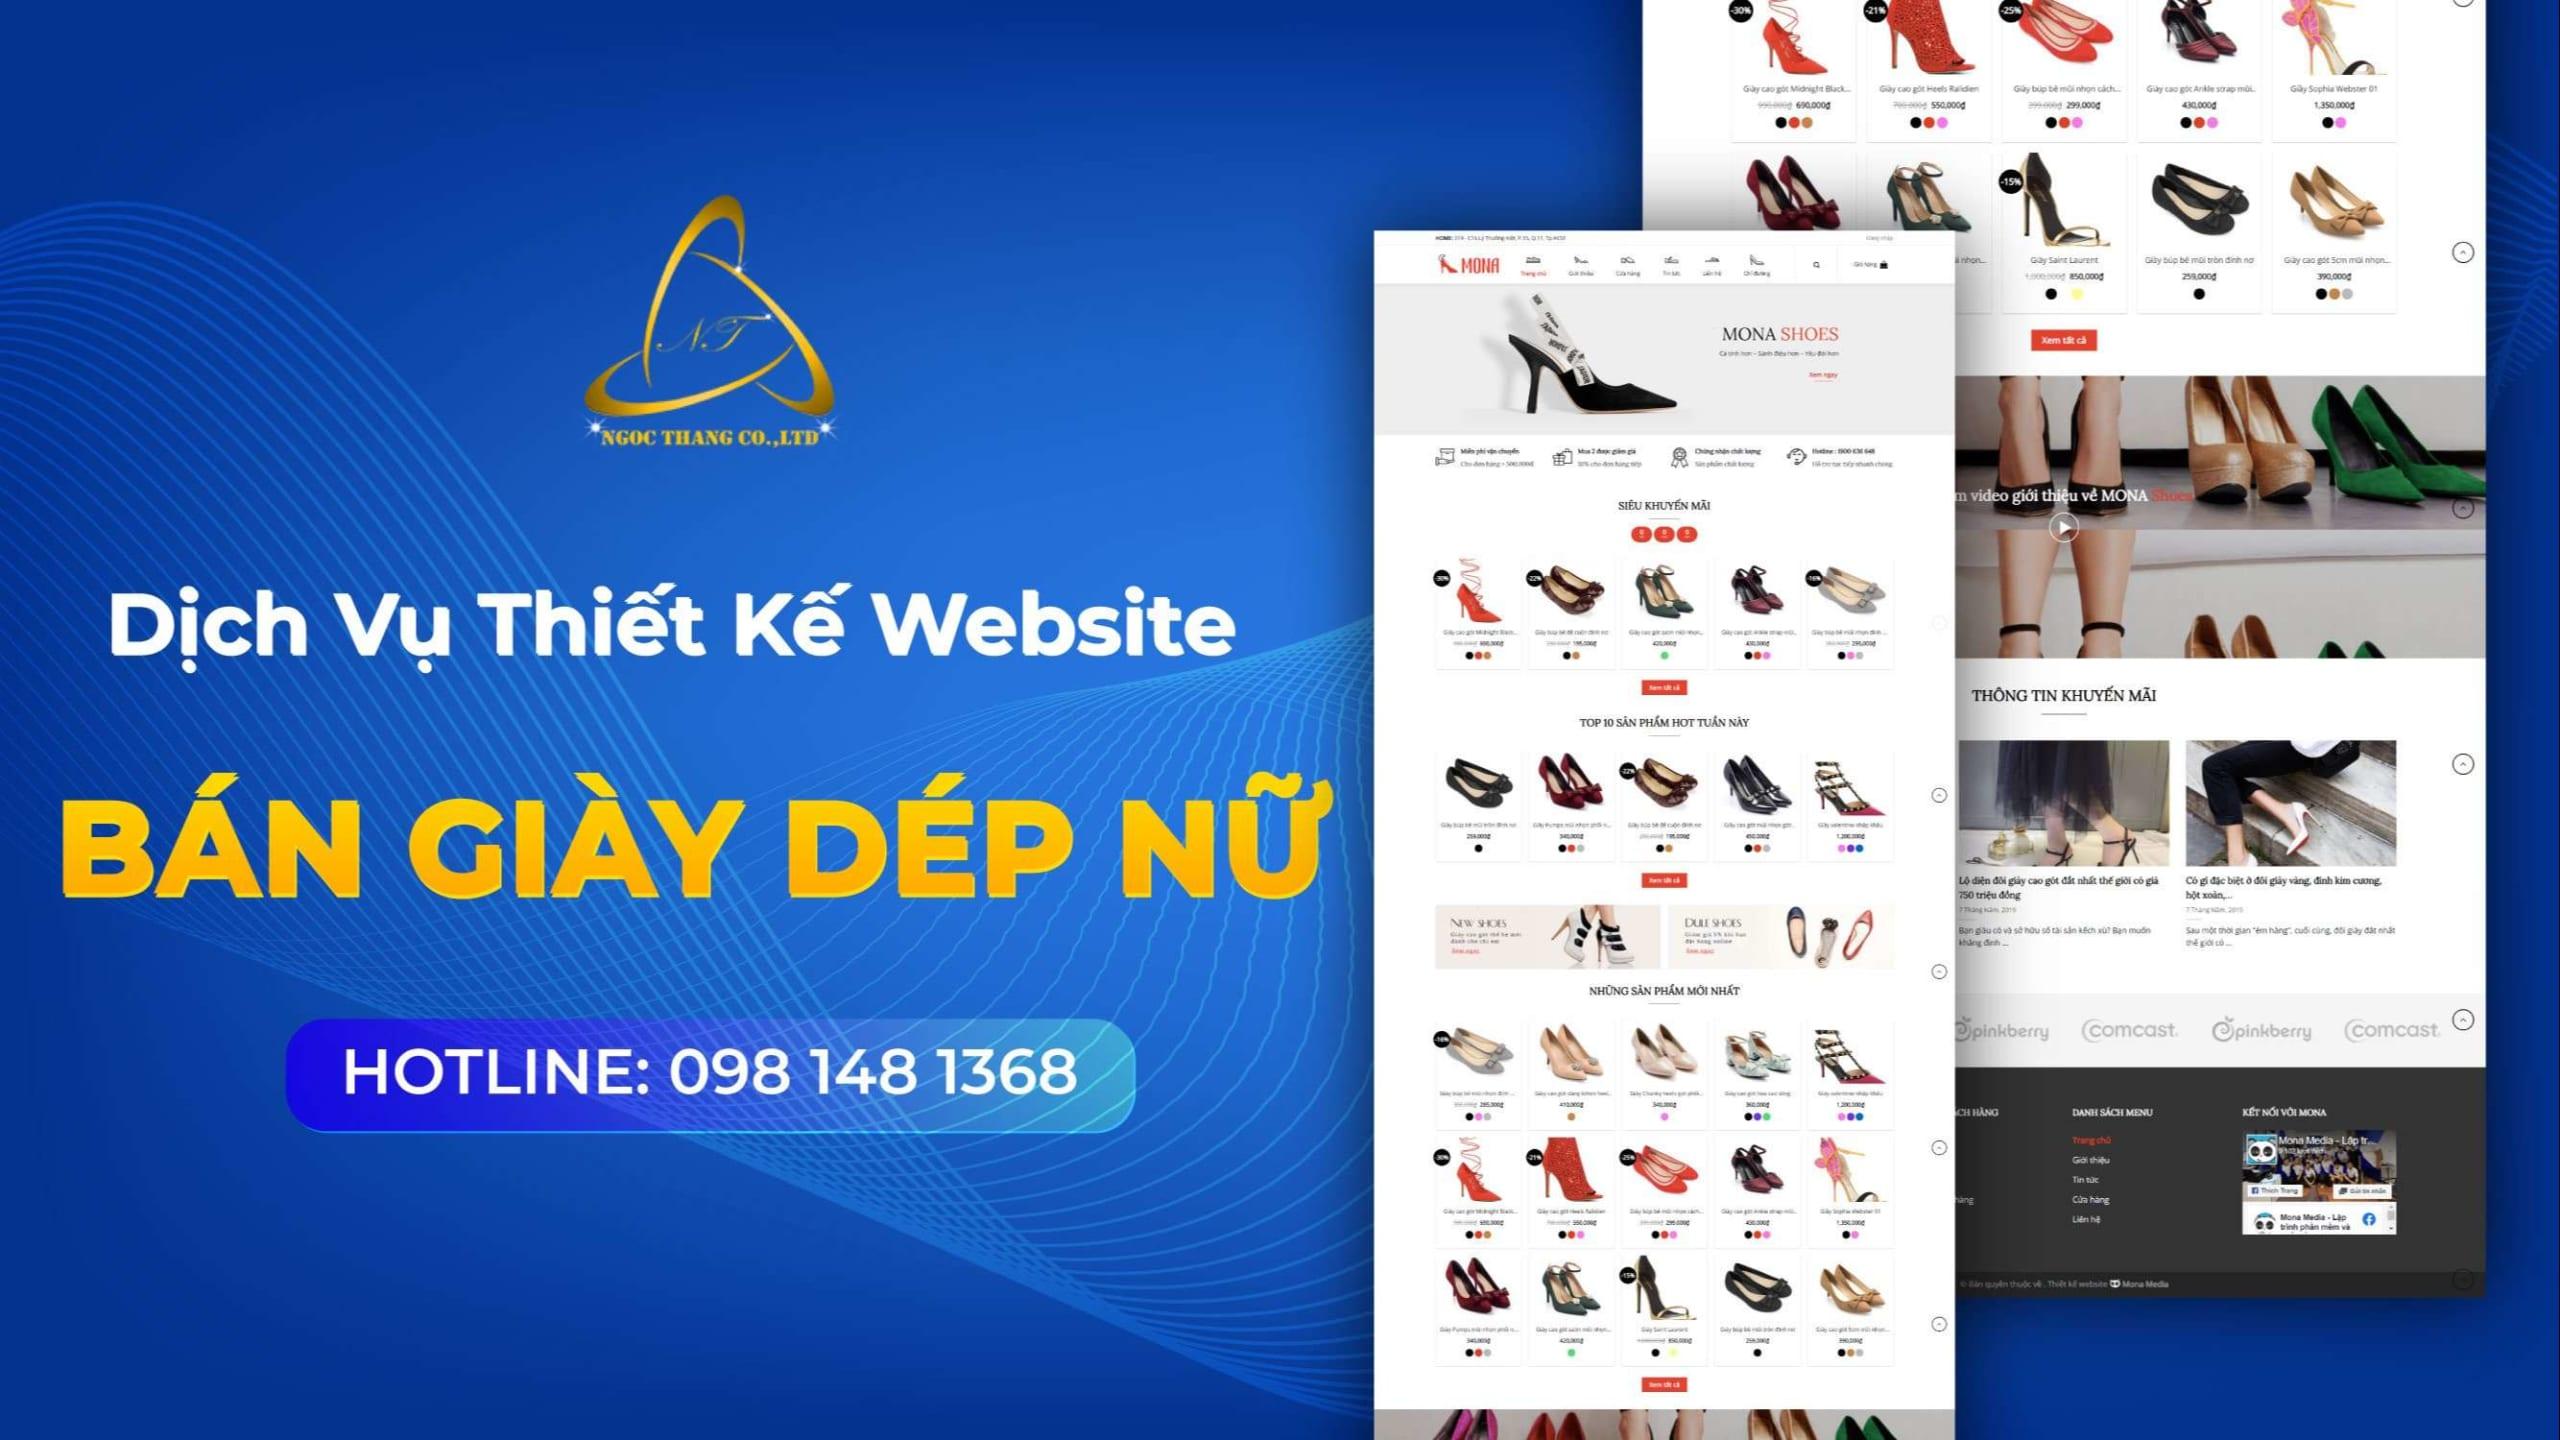 thiết kế website bán giày dép nữ